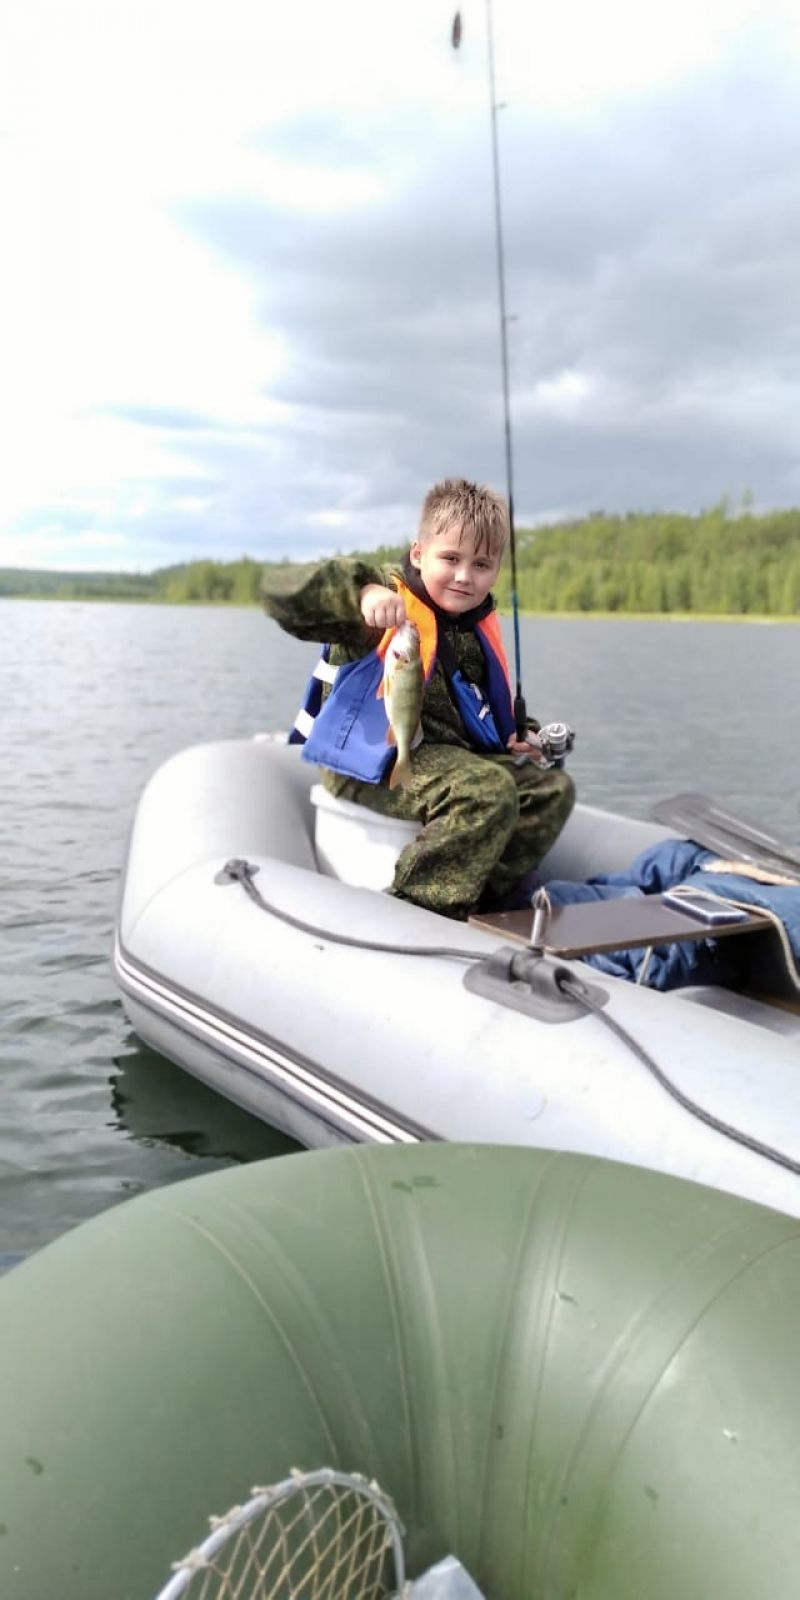 Кирилл Гончаров. 9-летний Кирилл Гончаров уже знает толк в рыбалке. Этого жирного окуня он поймал в Усть-Илимском водохранилище.